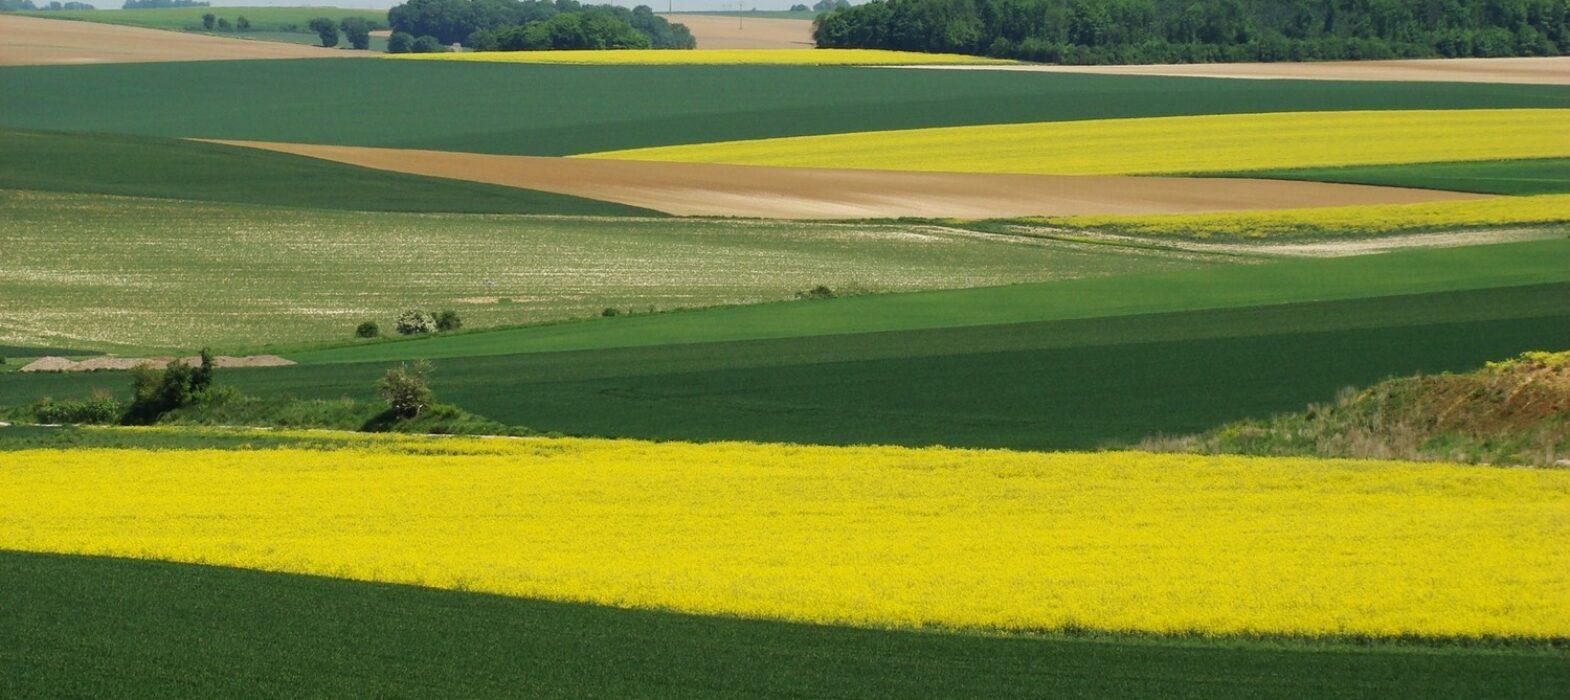 Champs verts et jaunes